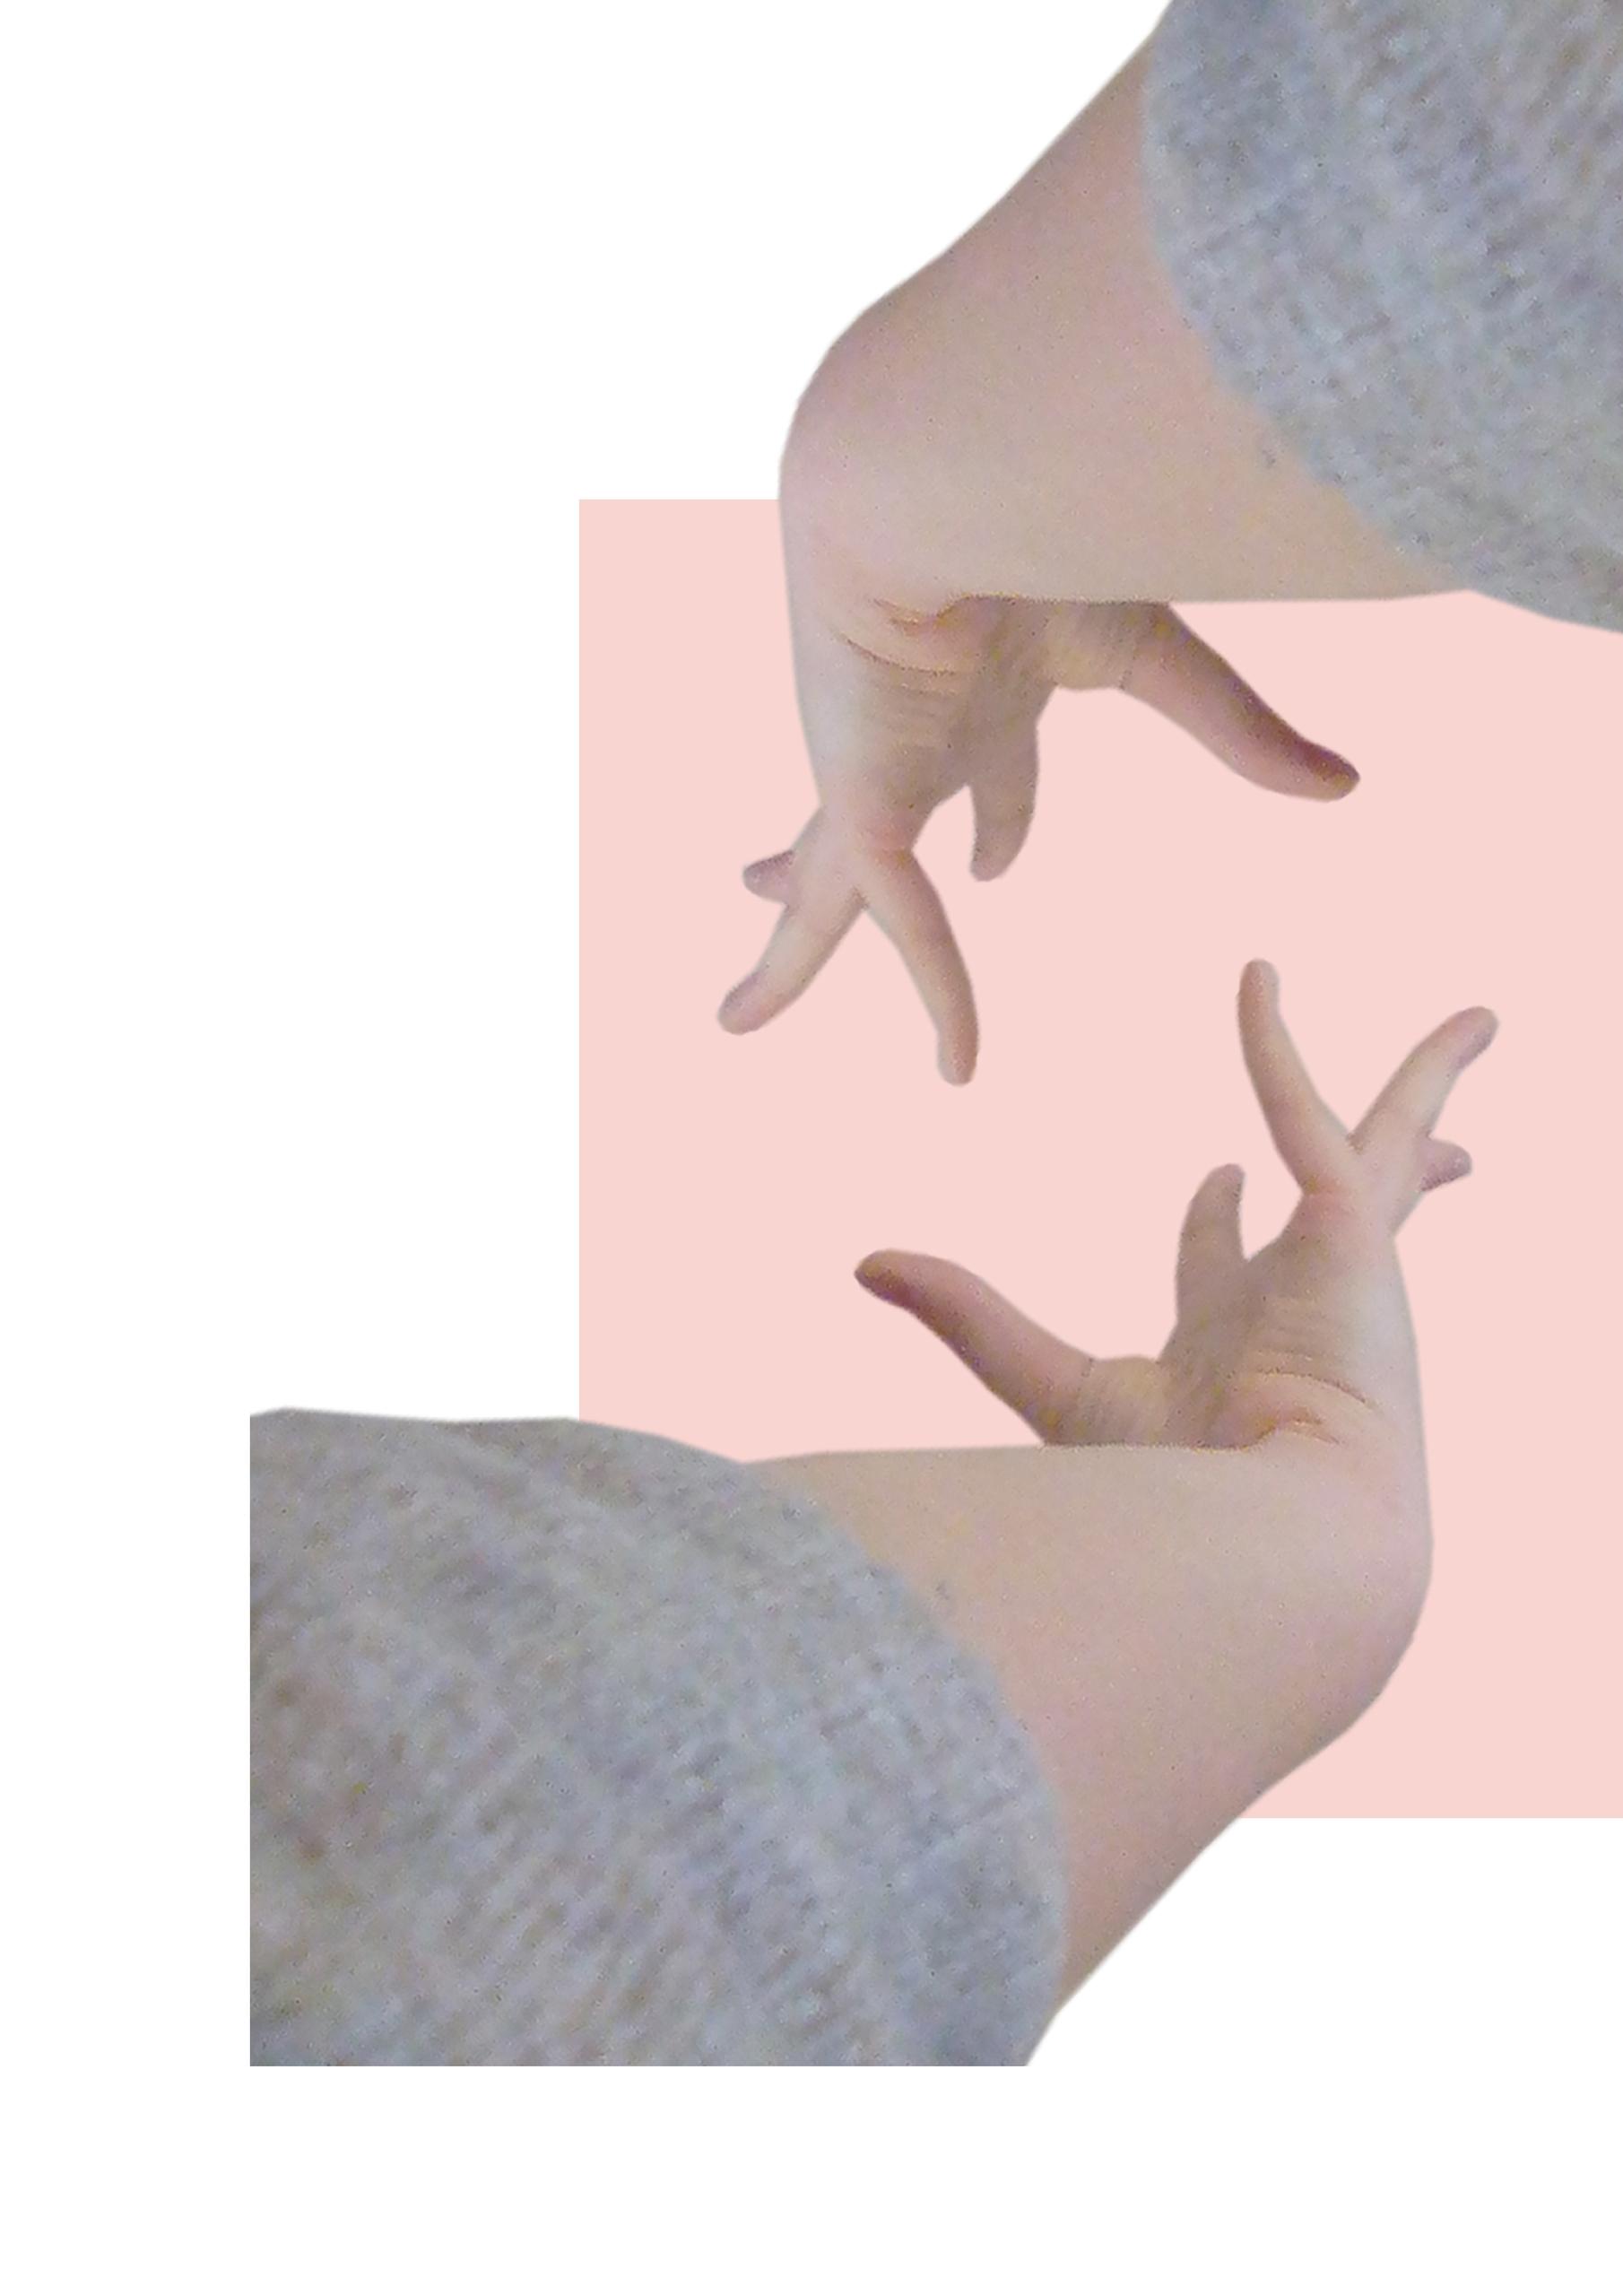 womensday, collage, beatrizalao - beatrizalao | ello